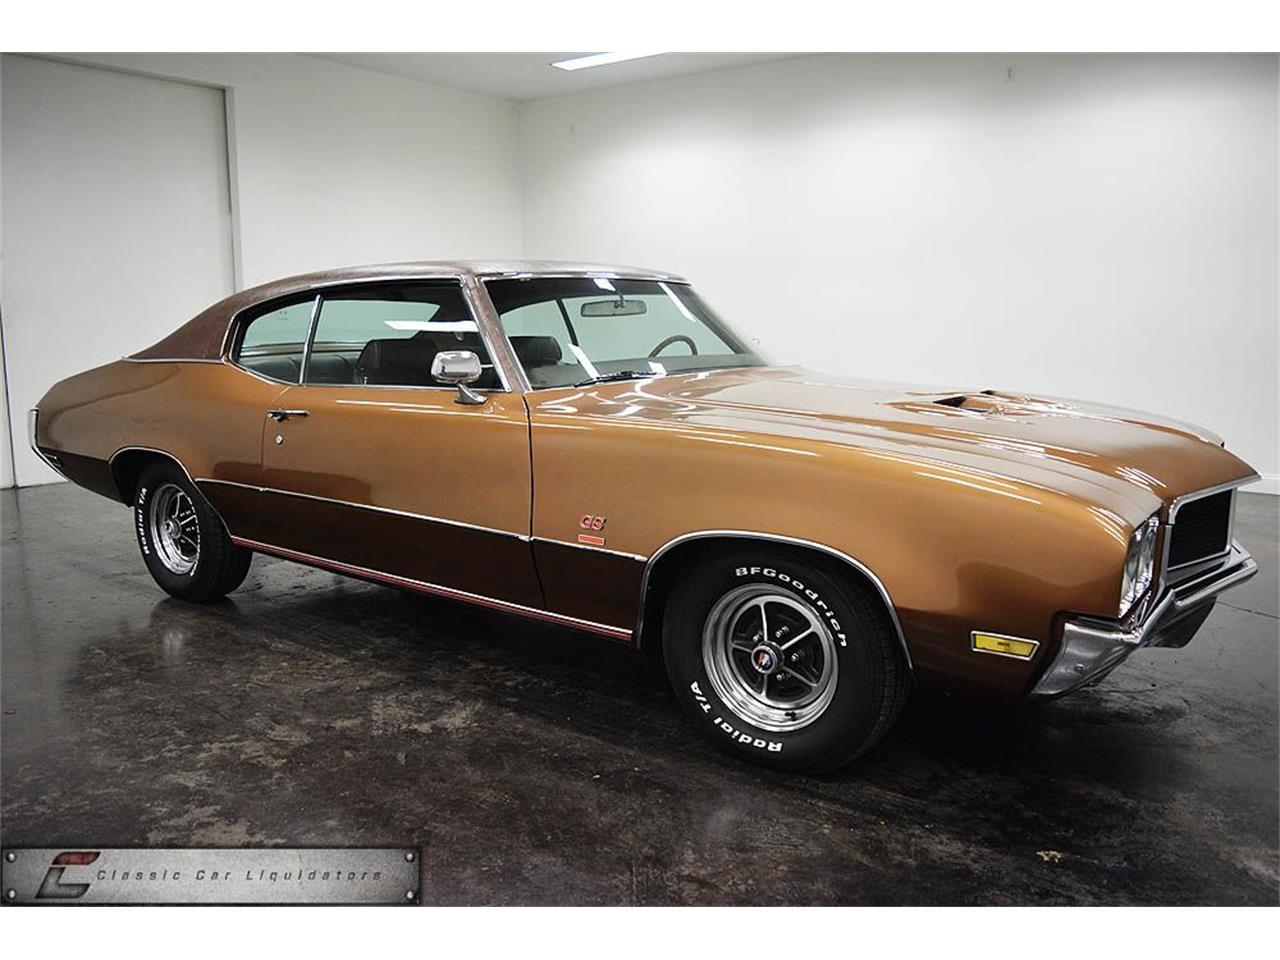 Buick Houston Dealer Your Houston Chevrolet Dealership